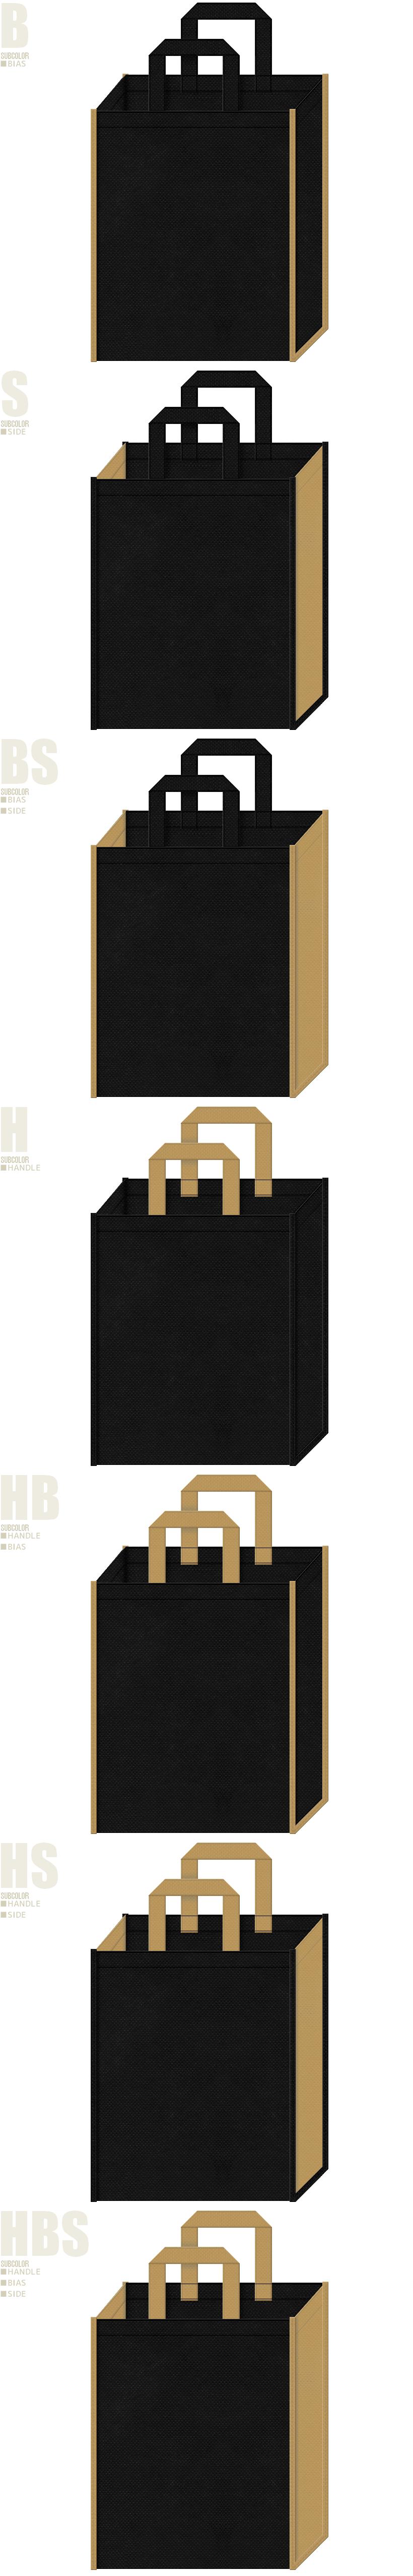 黒色と金色系黄土色、7パターンの不織布トートバッグ配色デザイン例。お城イベント・ゲームのバッグノベルティにお奨めです。印籠・大名行列のイメージ